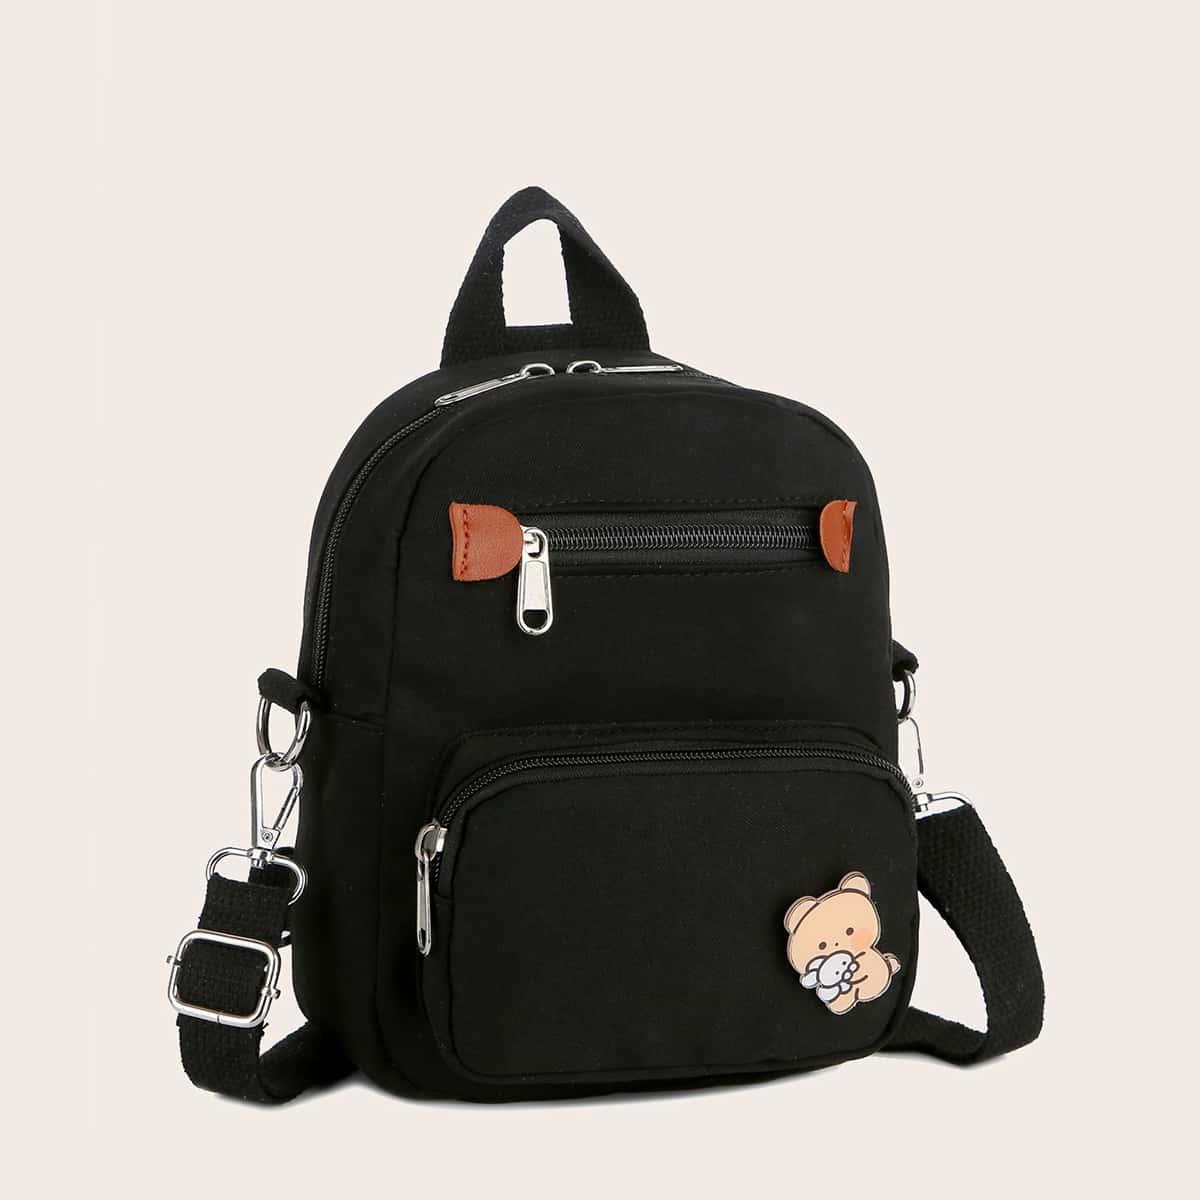 Рюкзак на молнии с мультипликационным рисунком